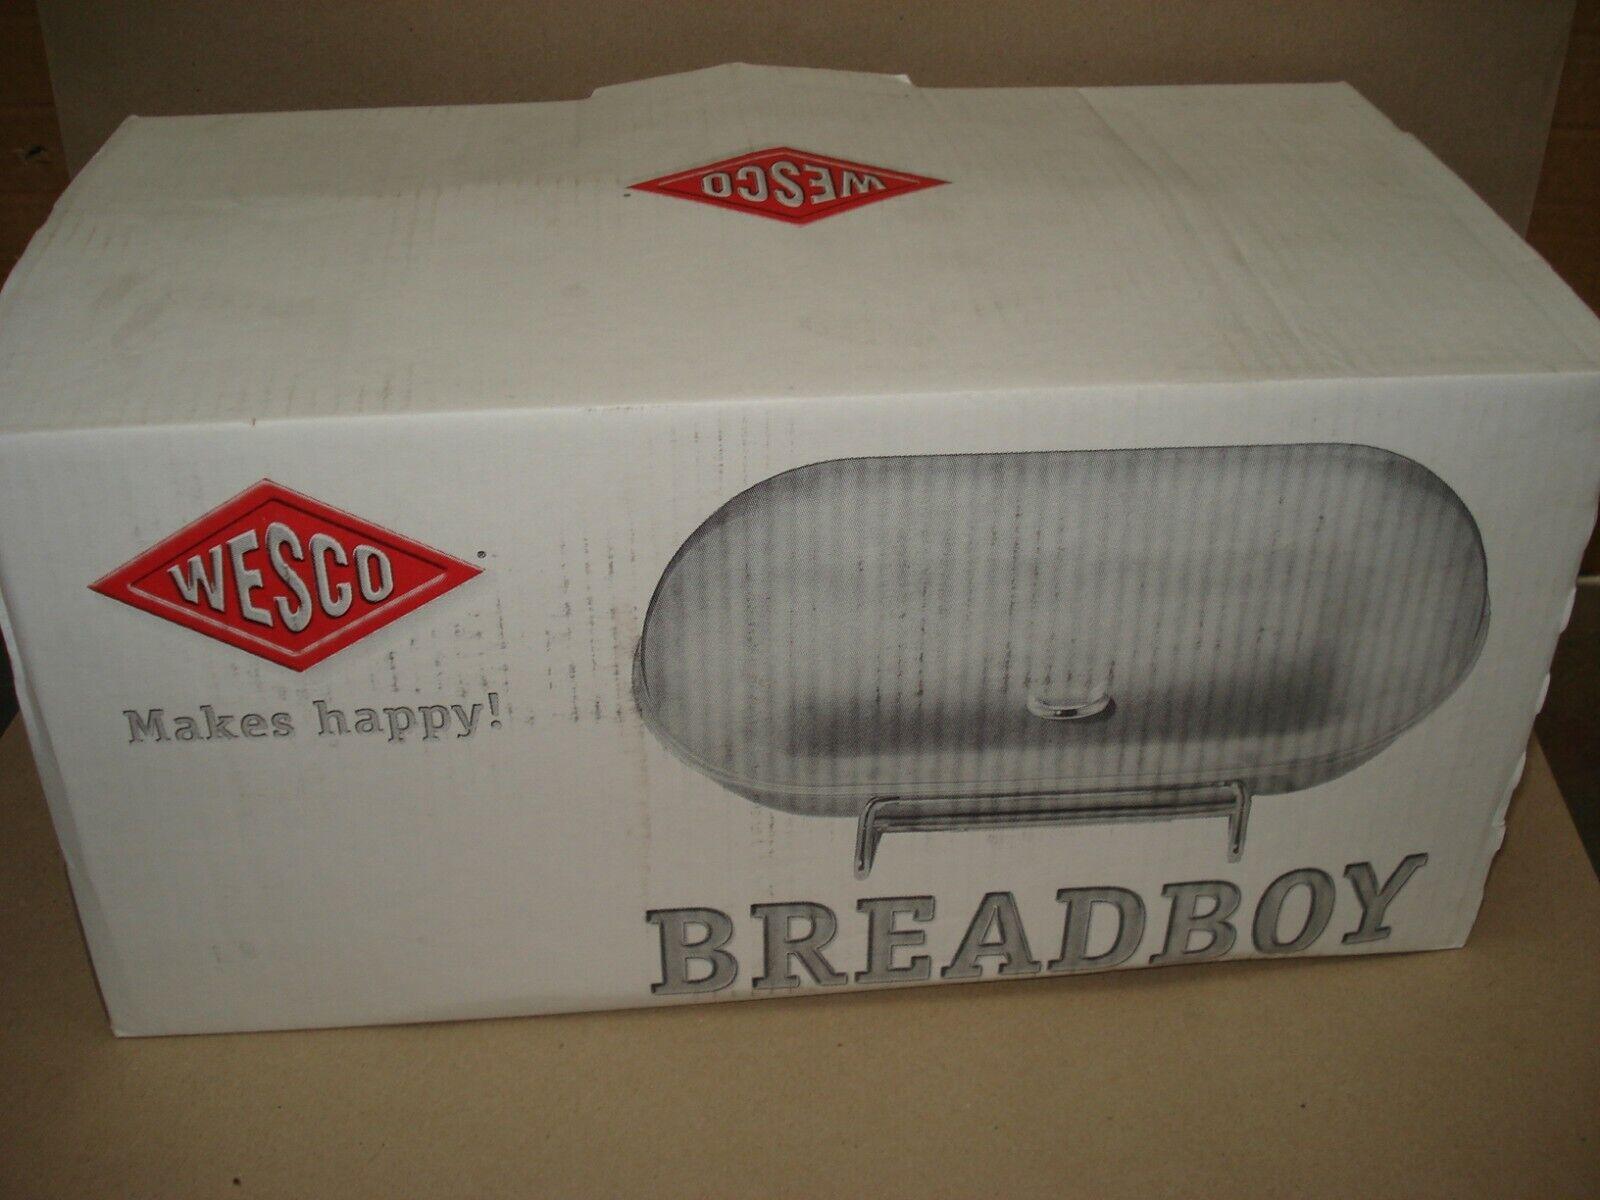 Wesco Breadboy pain rose Bin-non utilisé